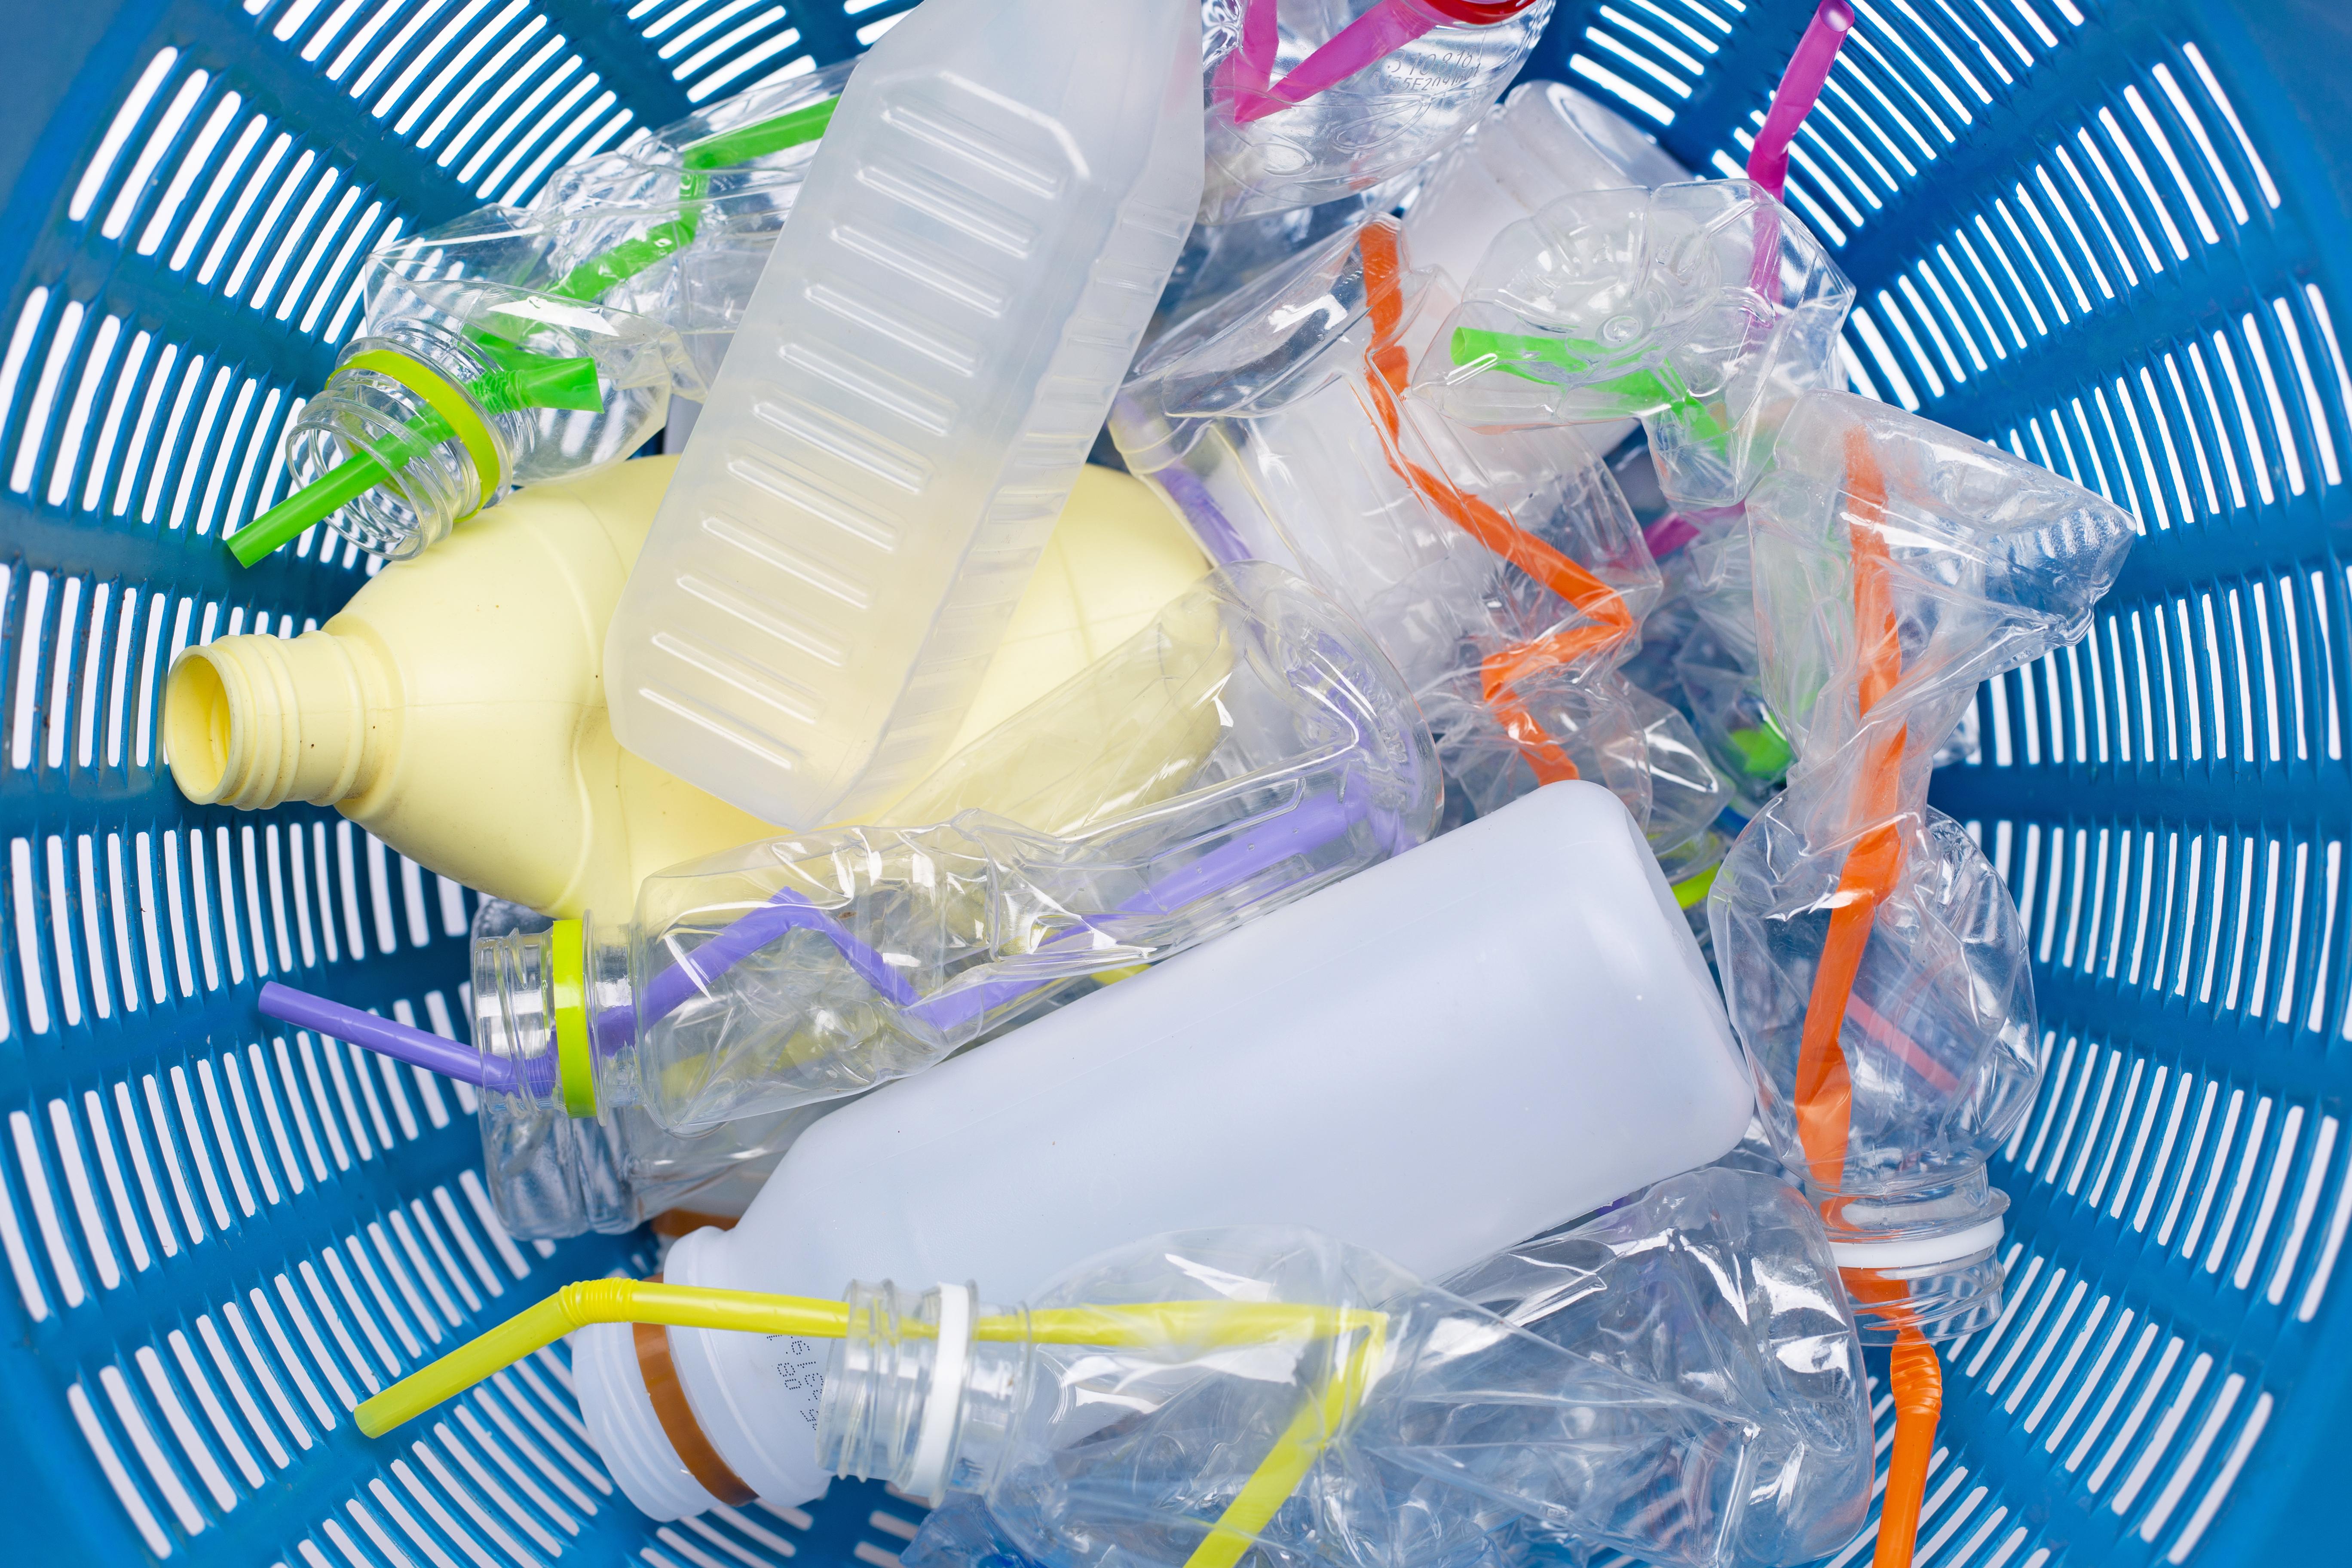 kemikalier i plast